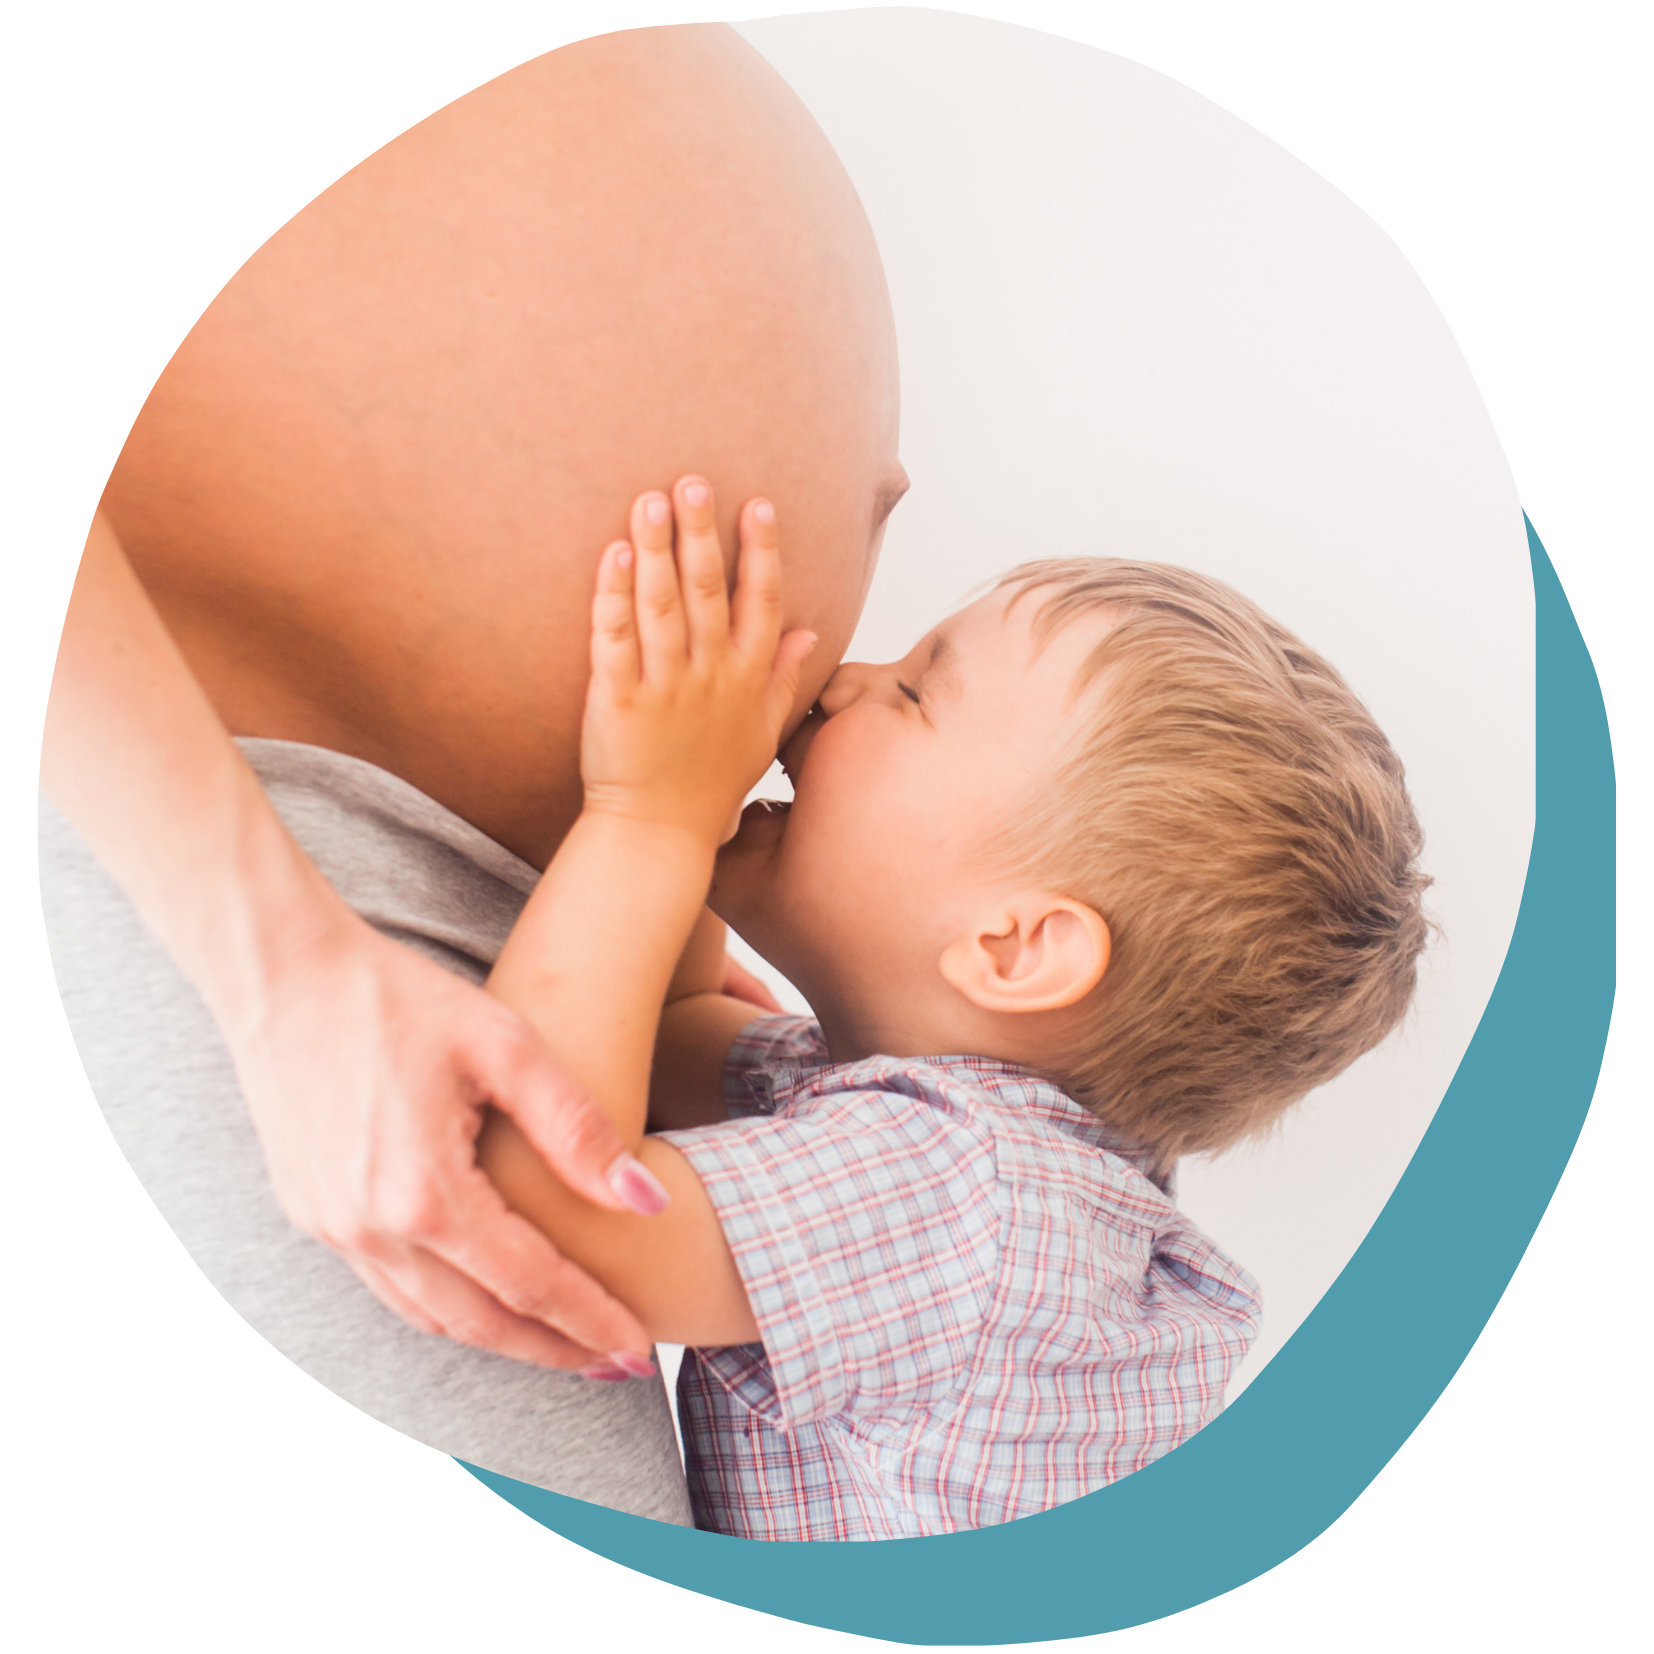 Image rencontre femme enceinte